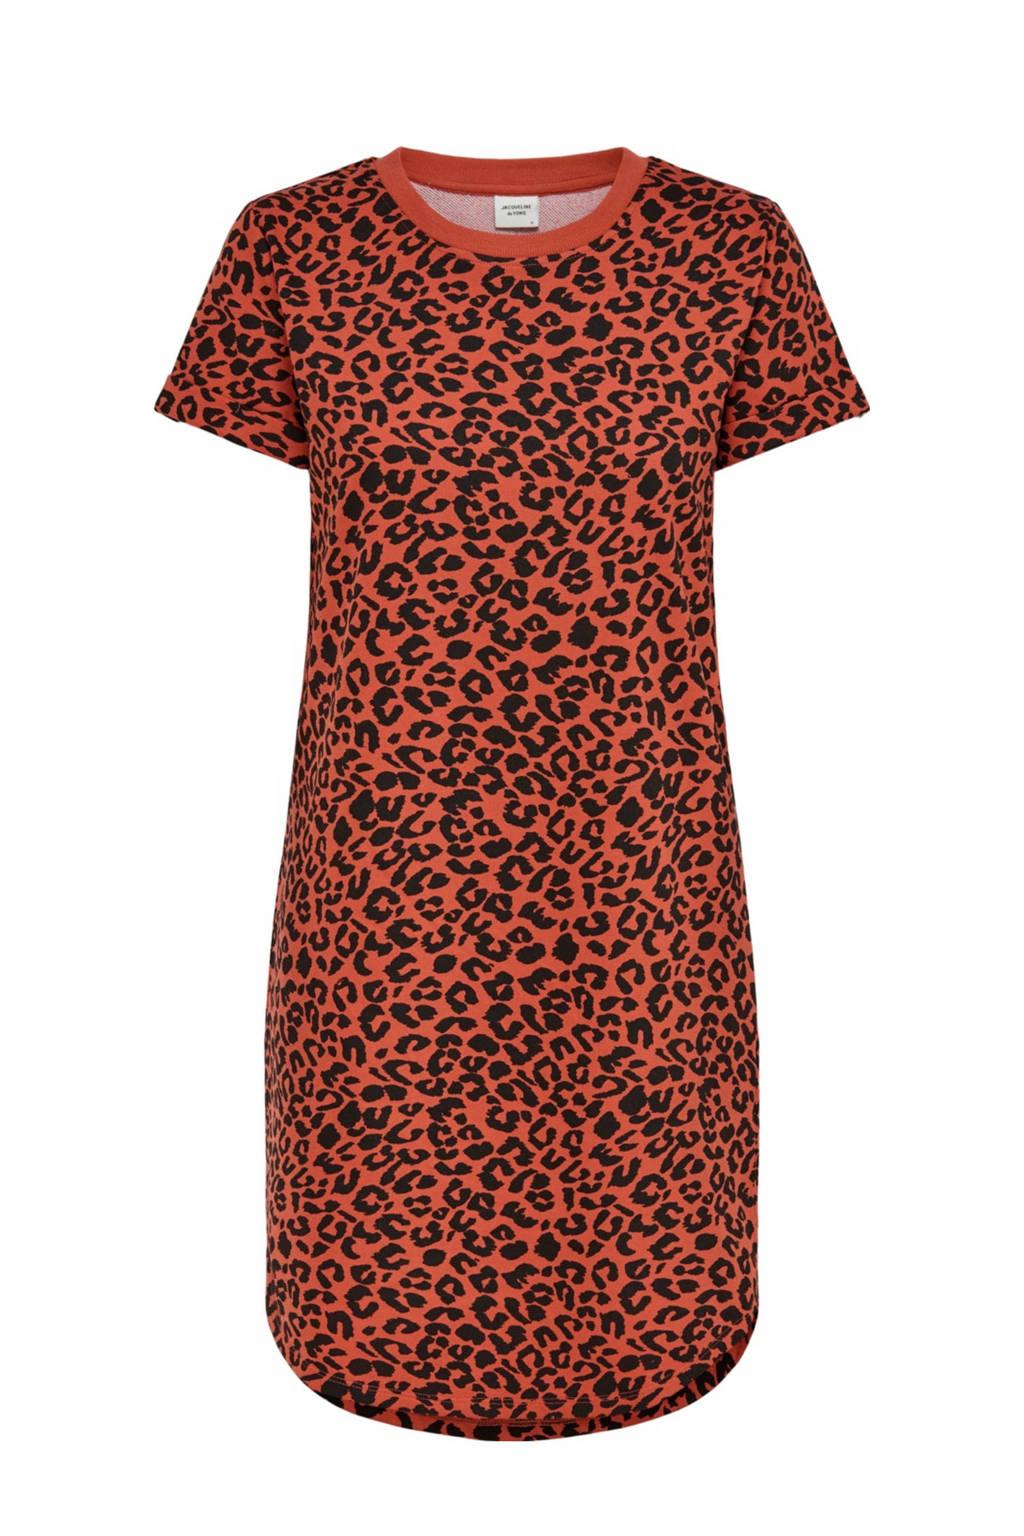 JACQUELINE DE YONG T-shirtjurk Ivy met panterprint roodoranje/zwart, Roodoranje/zwart